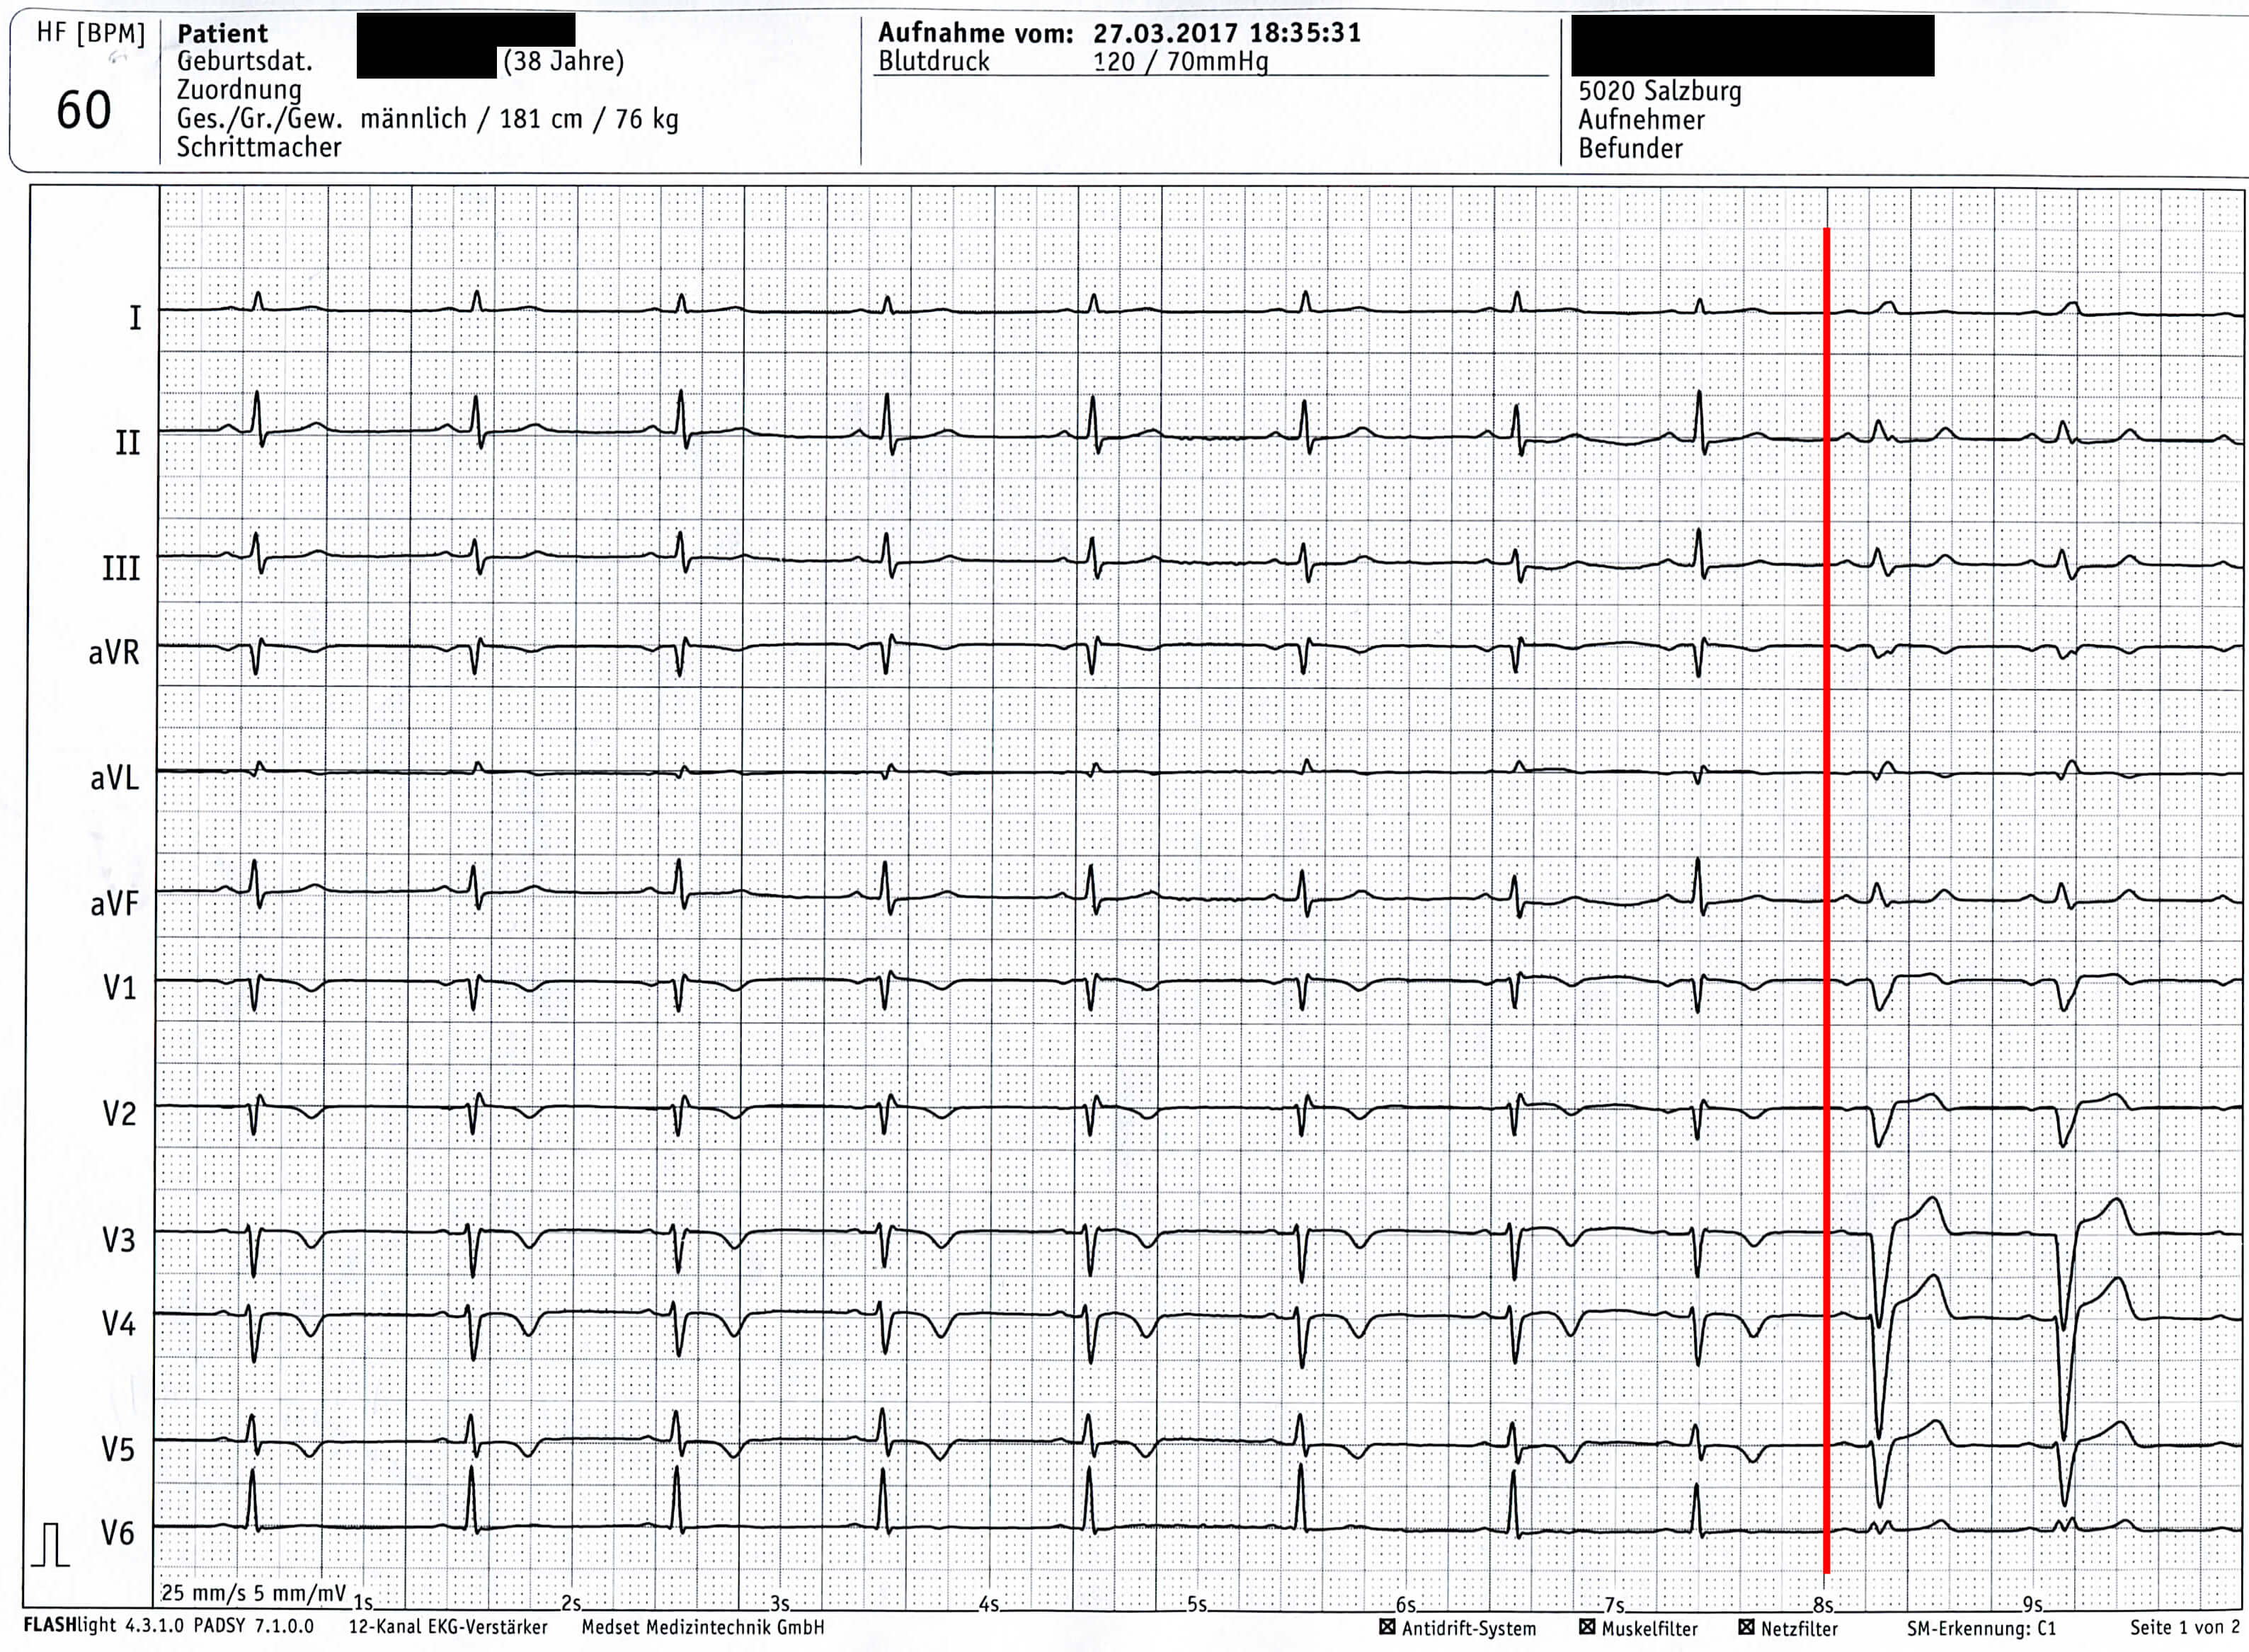 Unauffälliges EKG